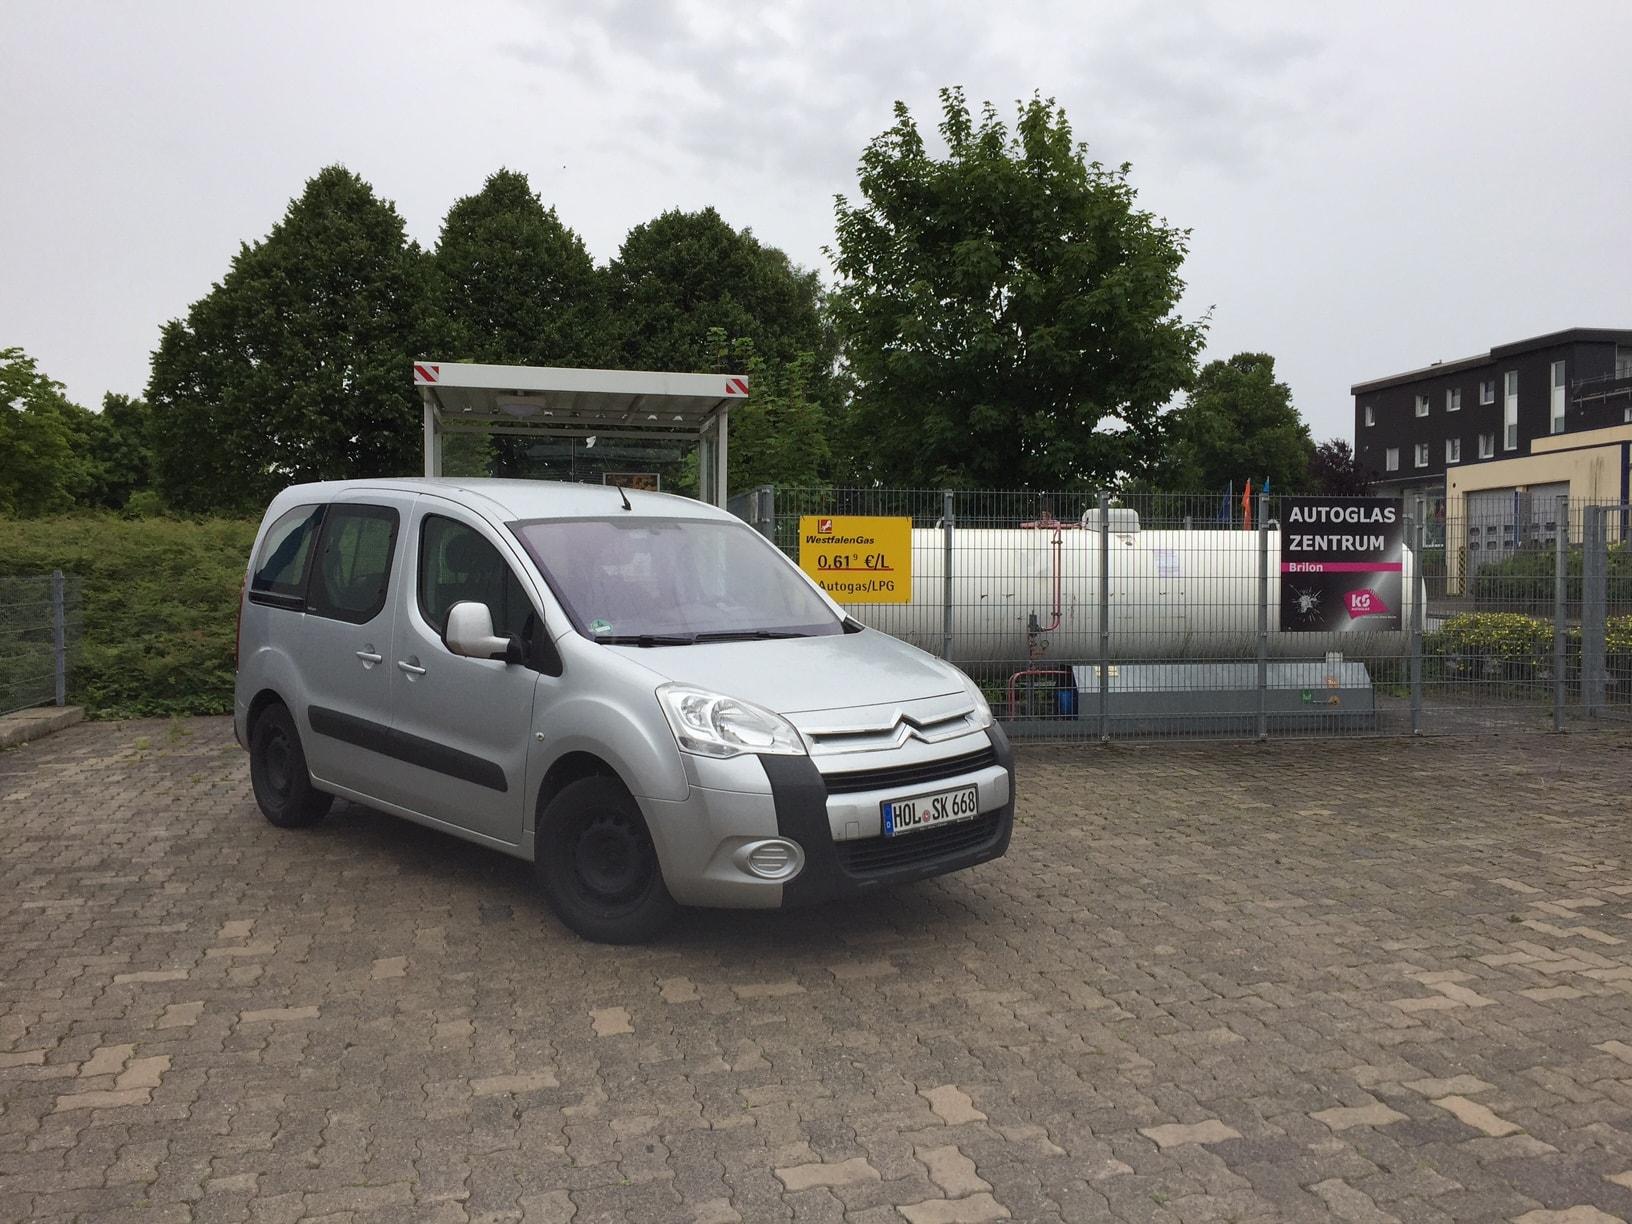 Autogas_R115-Umrüstung-auf-LPG-Autogas_Citrön-Berlingo-Titelbild